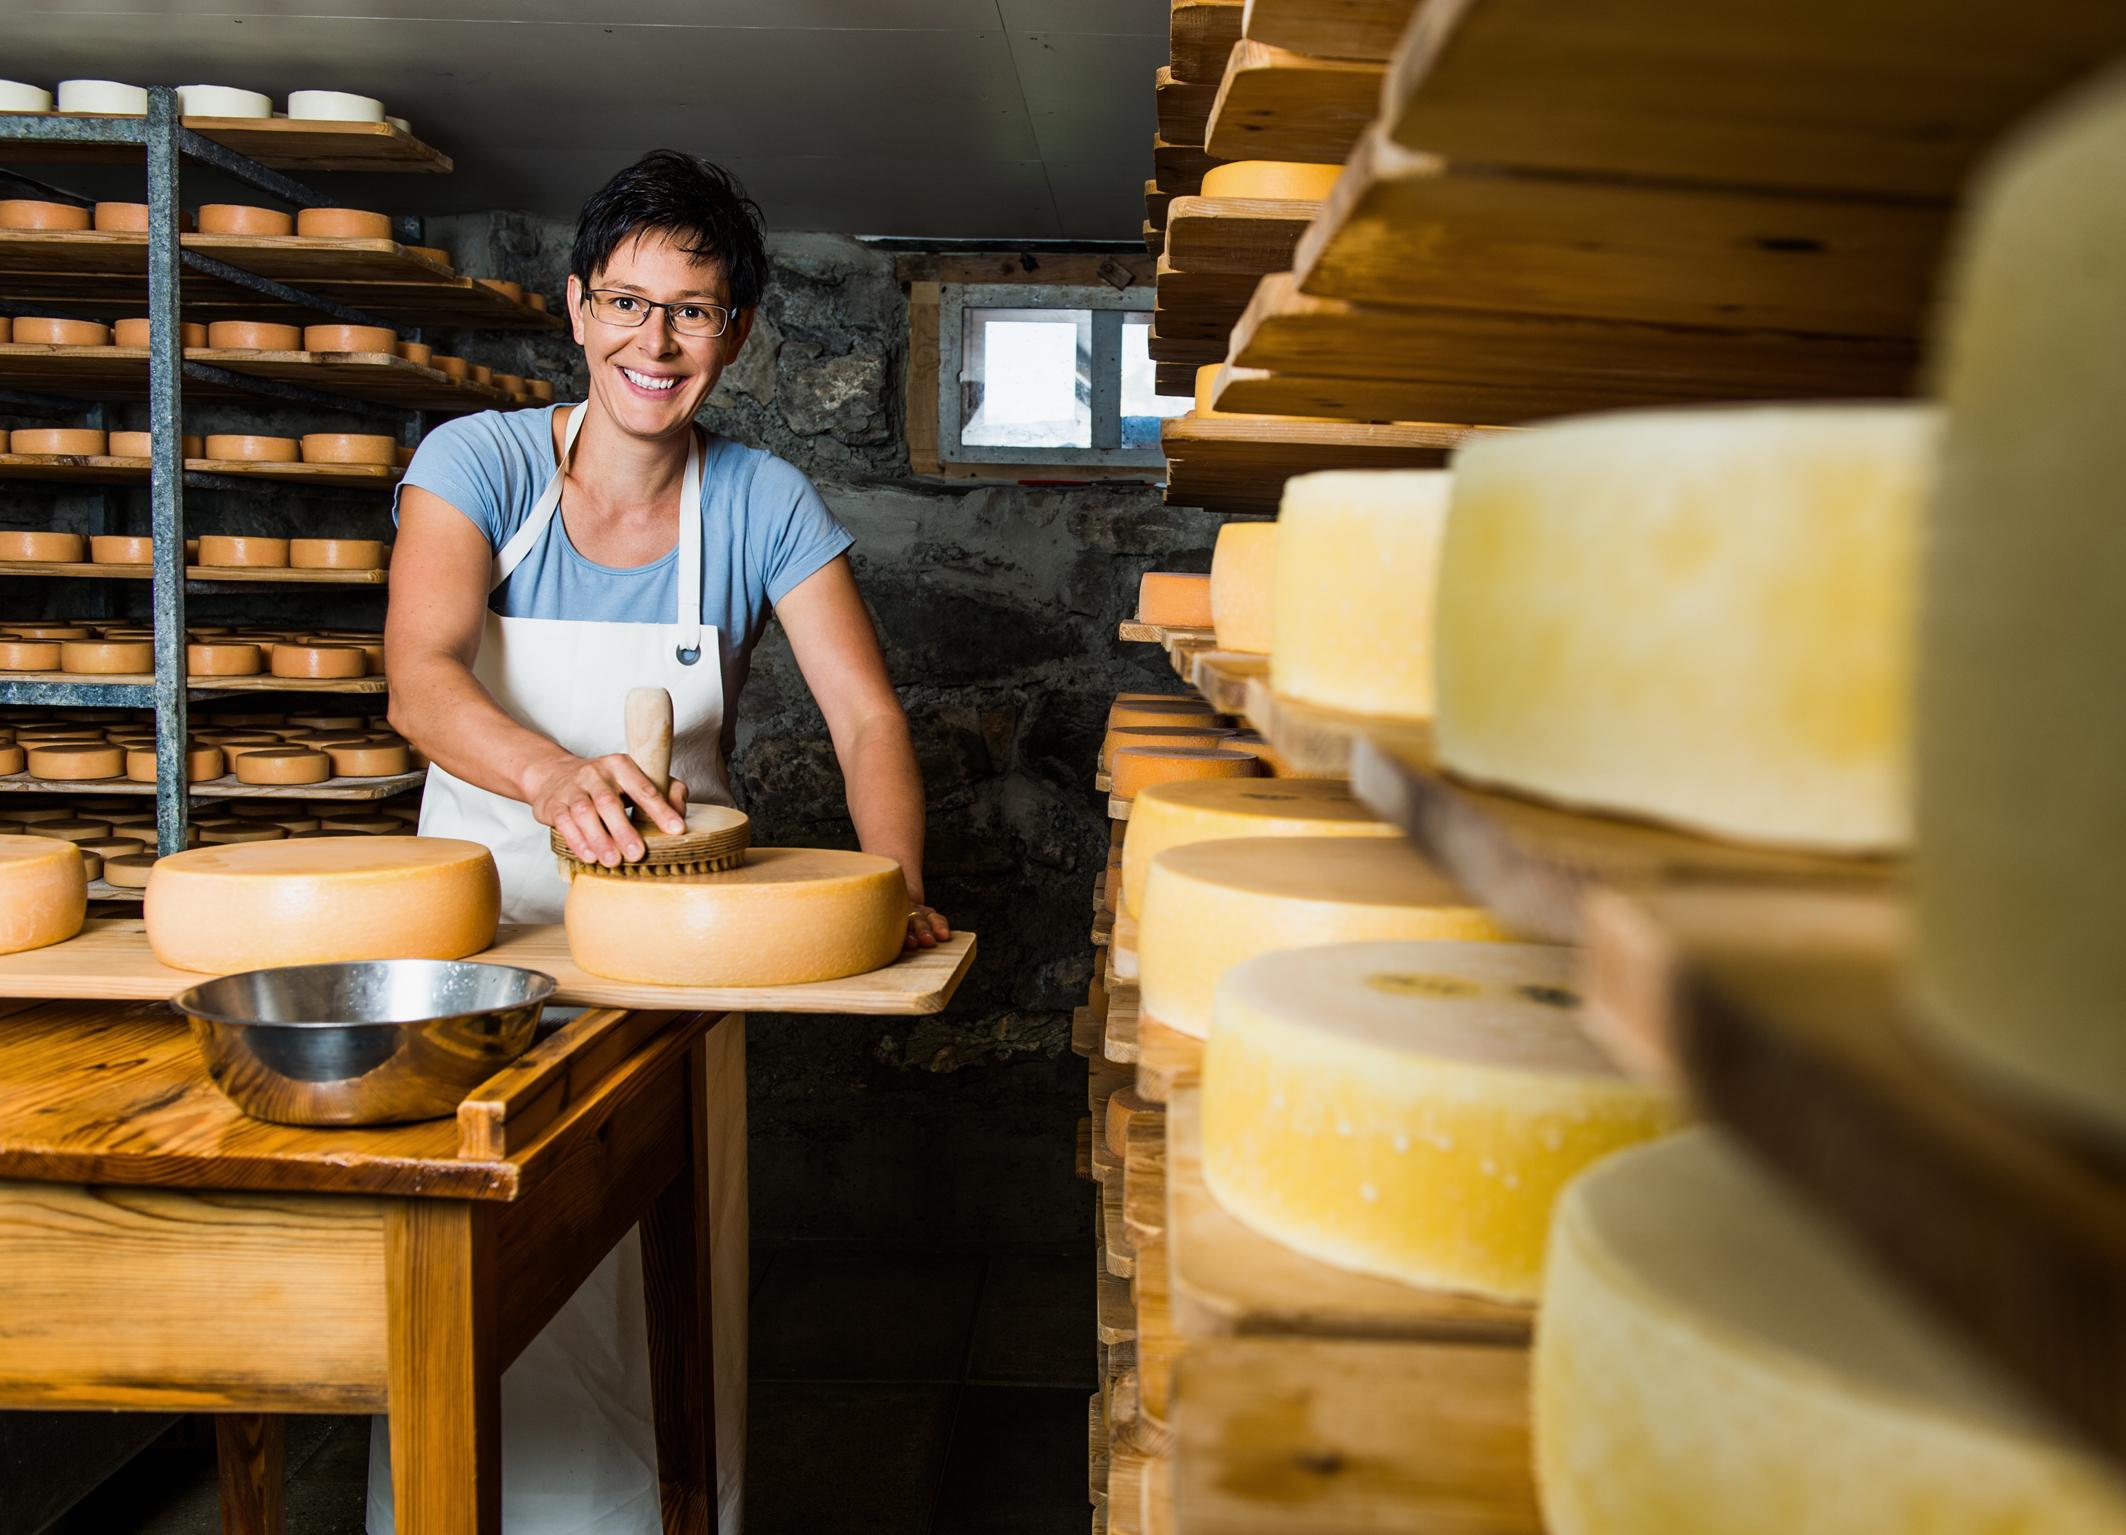 Beim Käsen ist eigentlich Theresia Hollensteins Ehemann der Chef. Aber sie darf helfen.